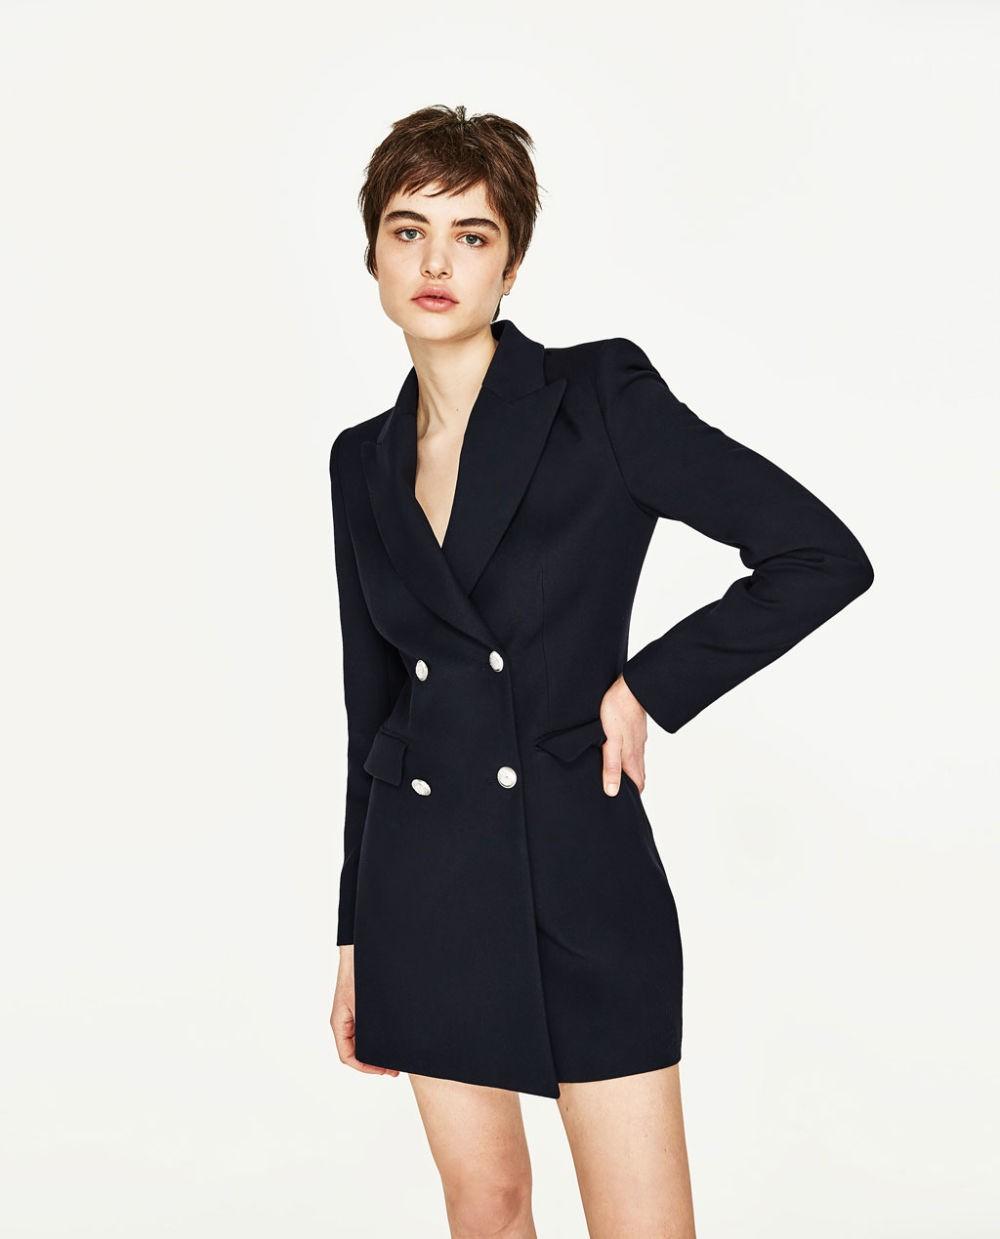 Модные пиджаки осень зима 2018 2019: двубортный черный длинный